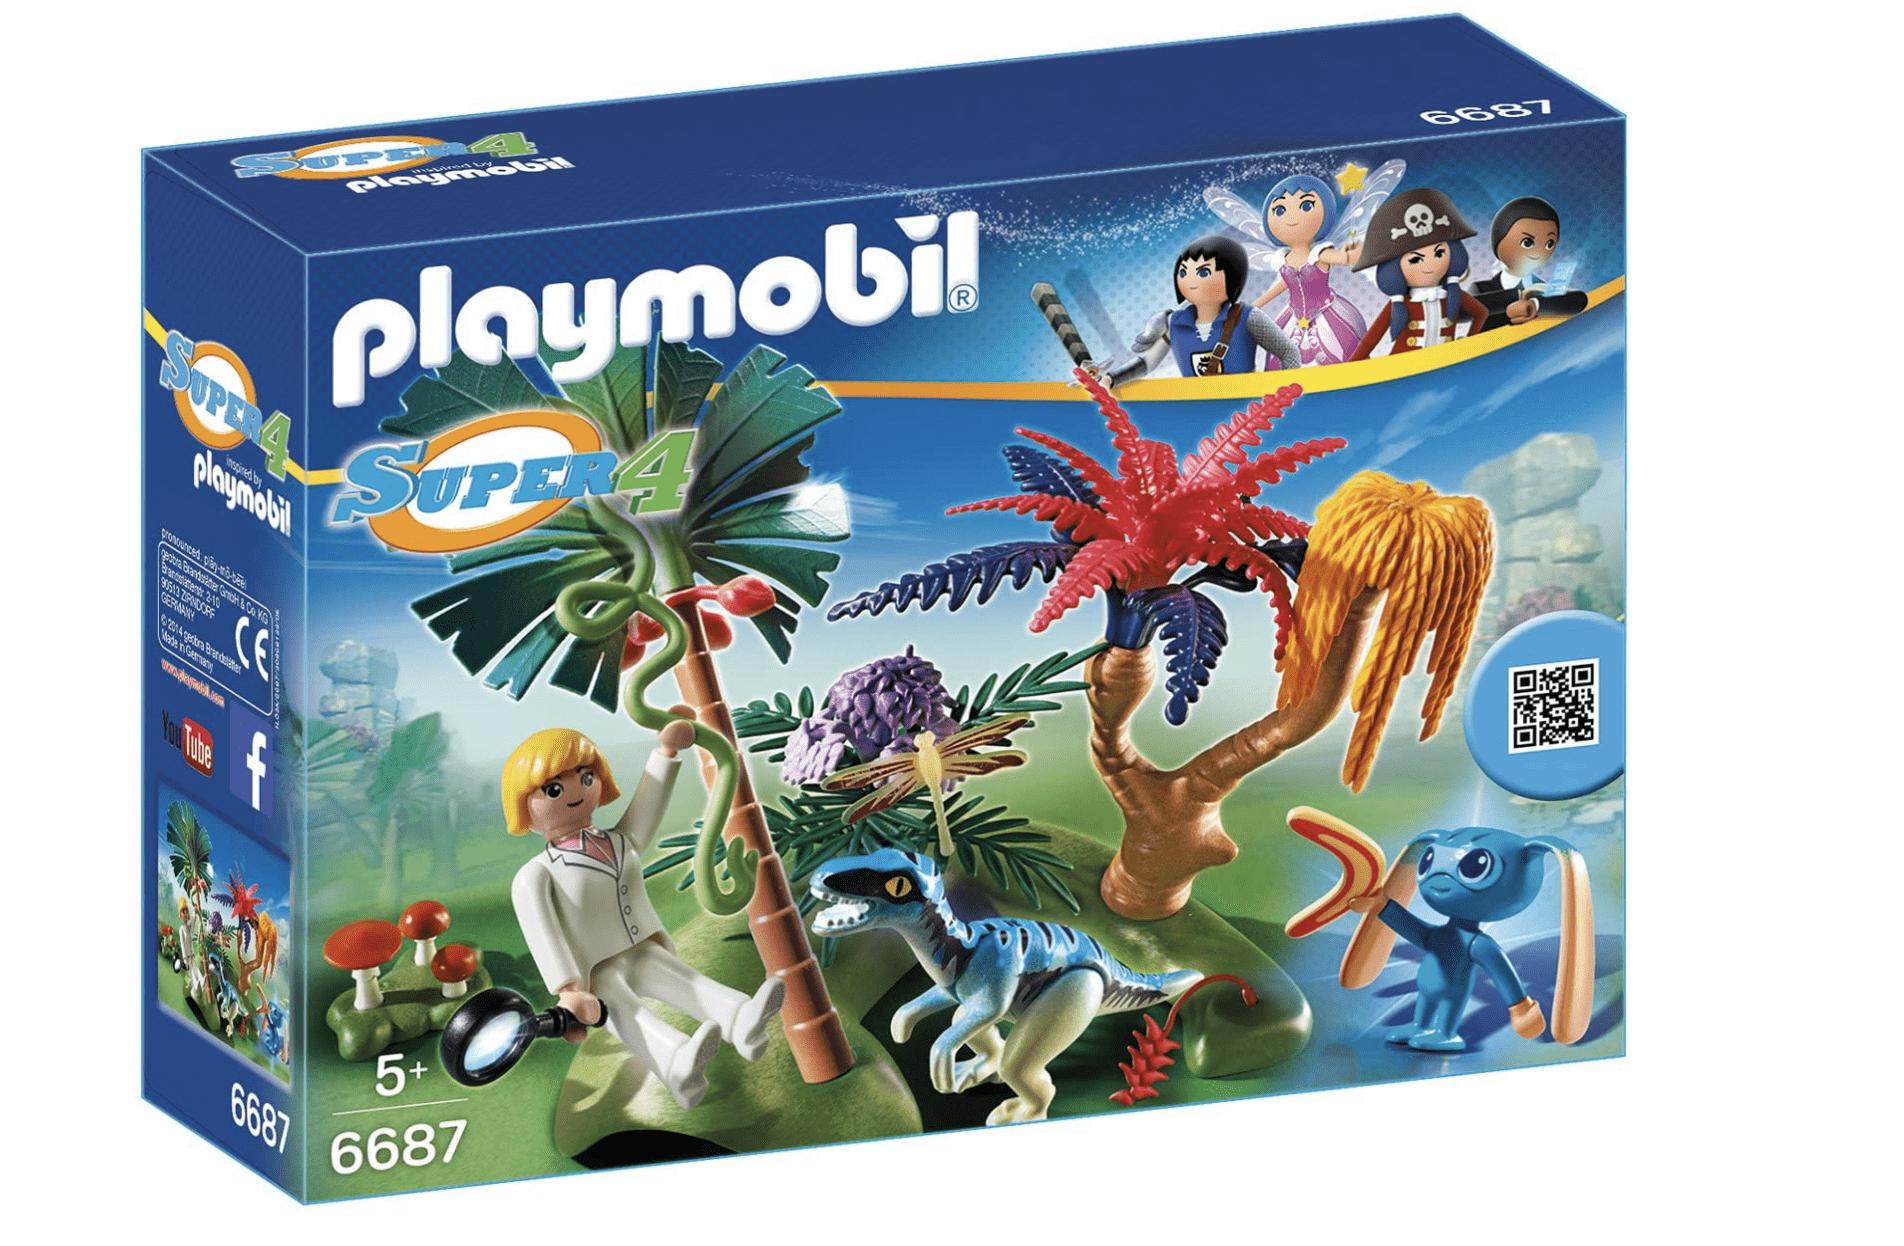 Playmobil Super4 - Lost Island